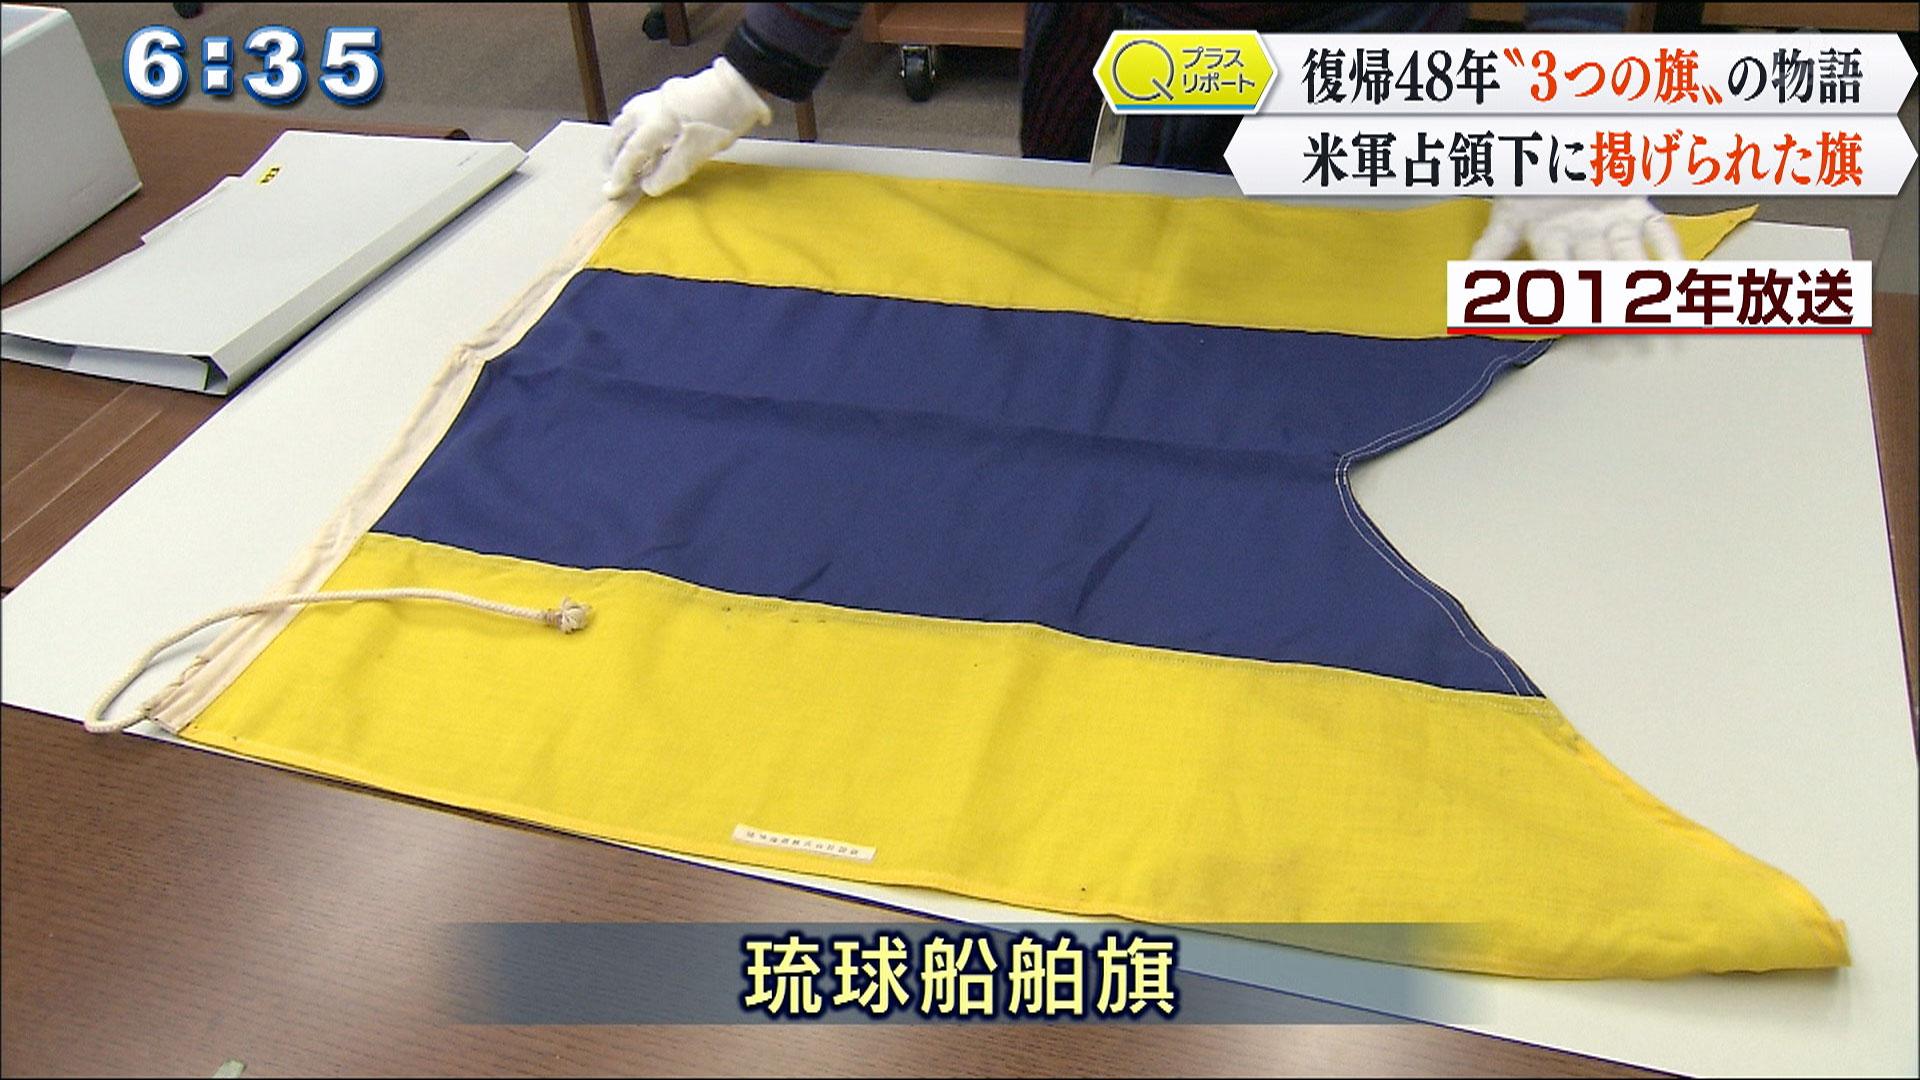 Qプラスリポート 復帰48年 沖縄「3つの旗」をめぐる思い